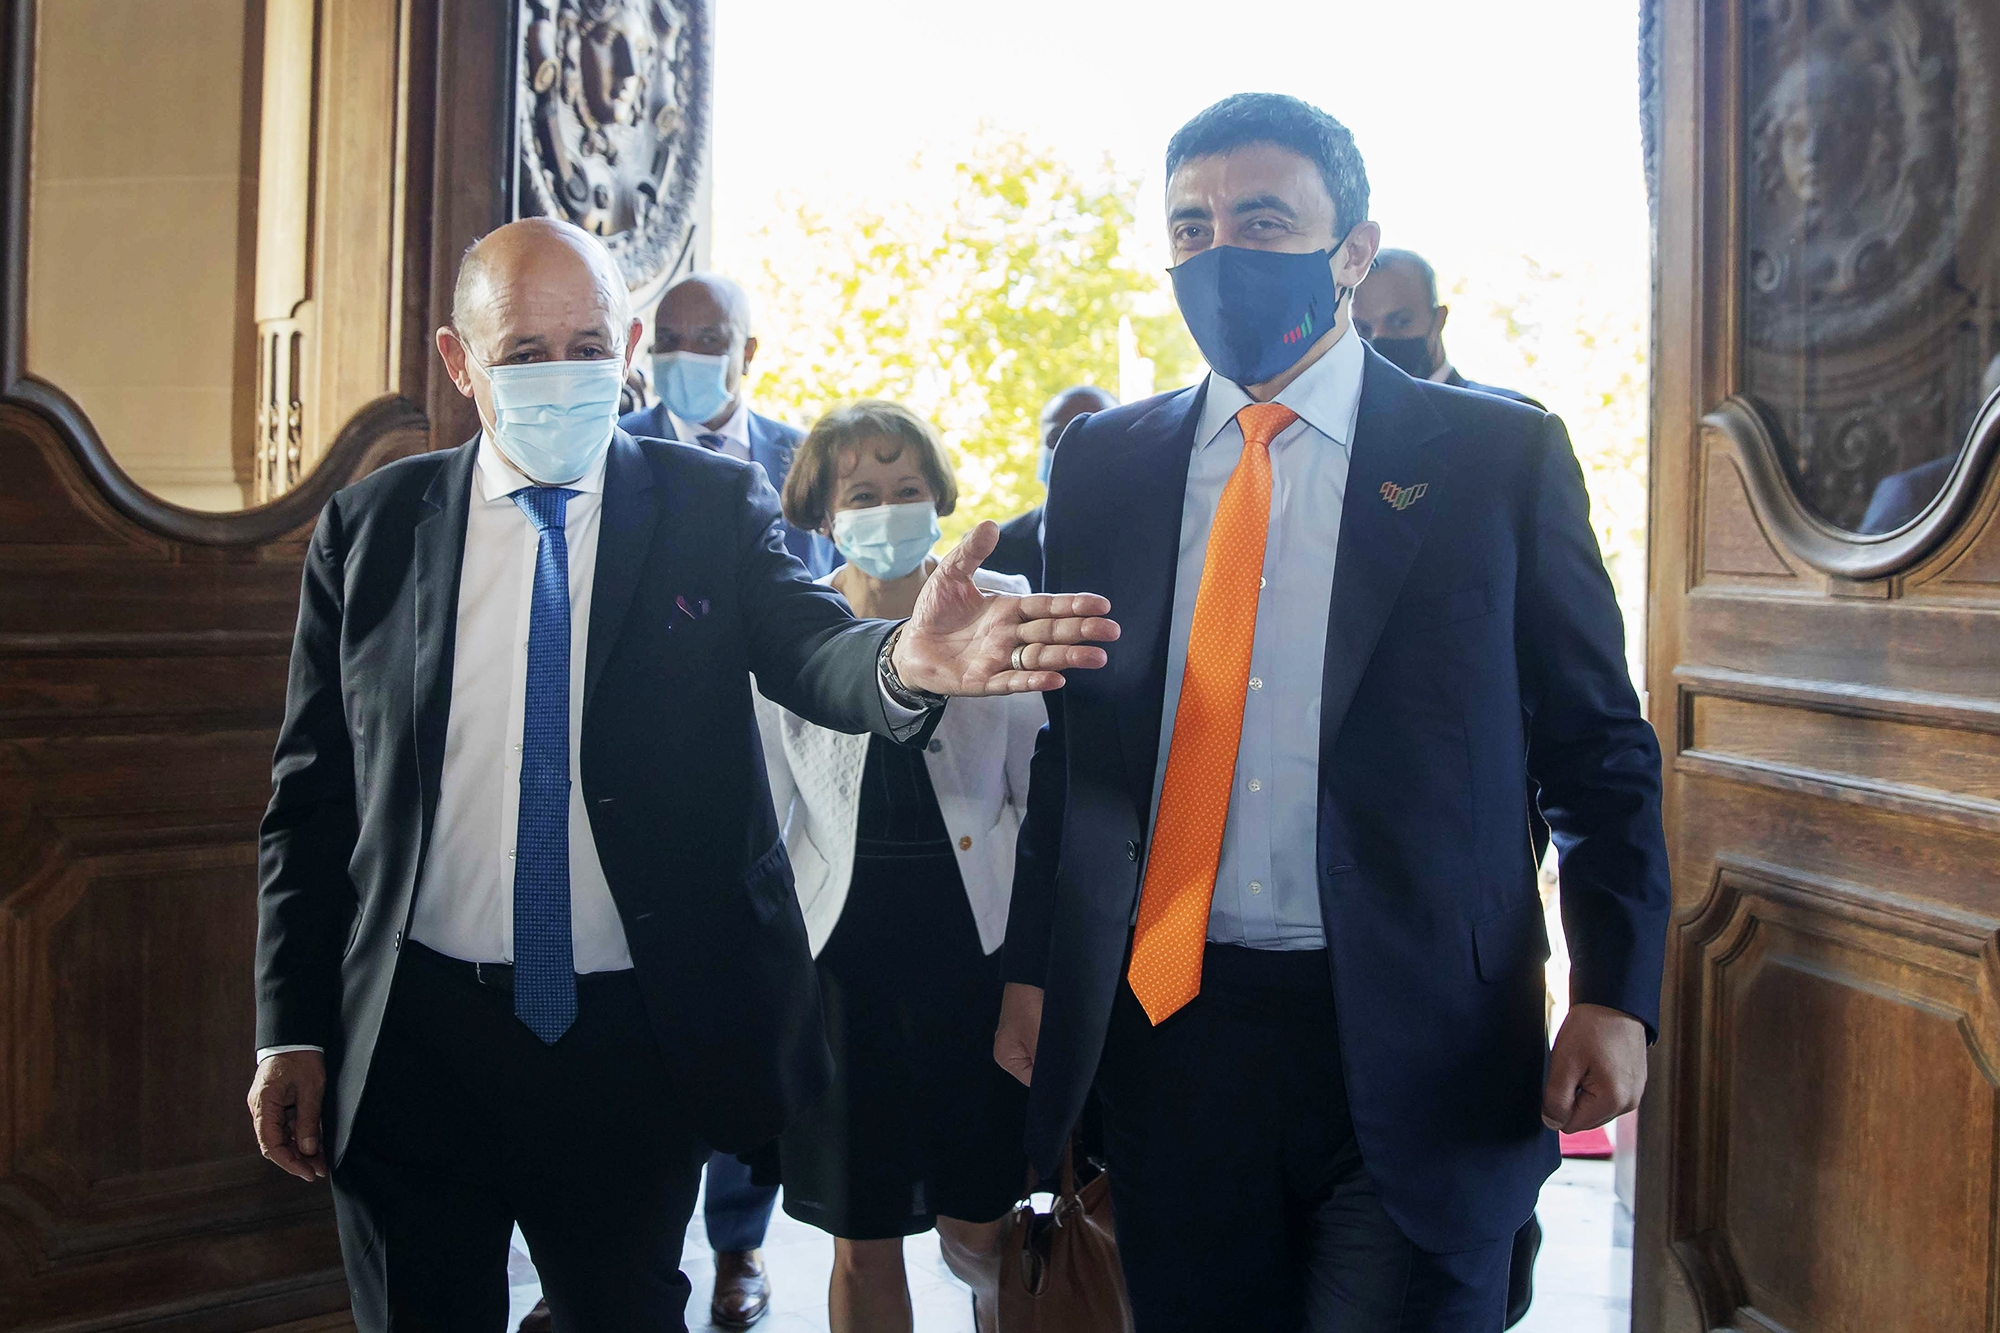 عبدالله بن زايد ووزير خارجية فرنسا يبحثان تعزيز العلاقات الاستراتيجية بين البلدين